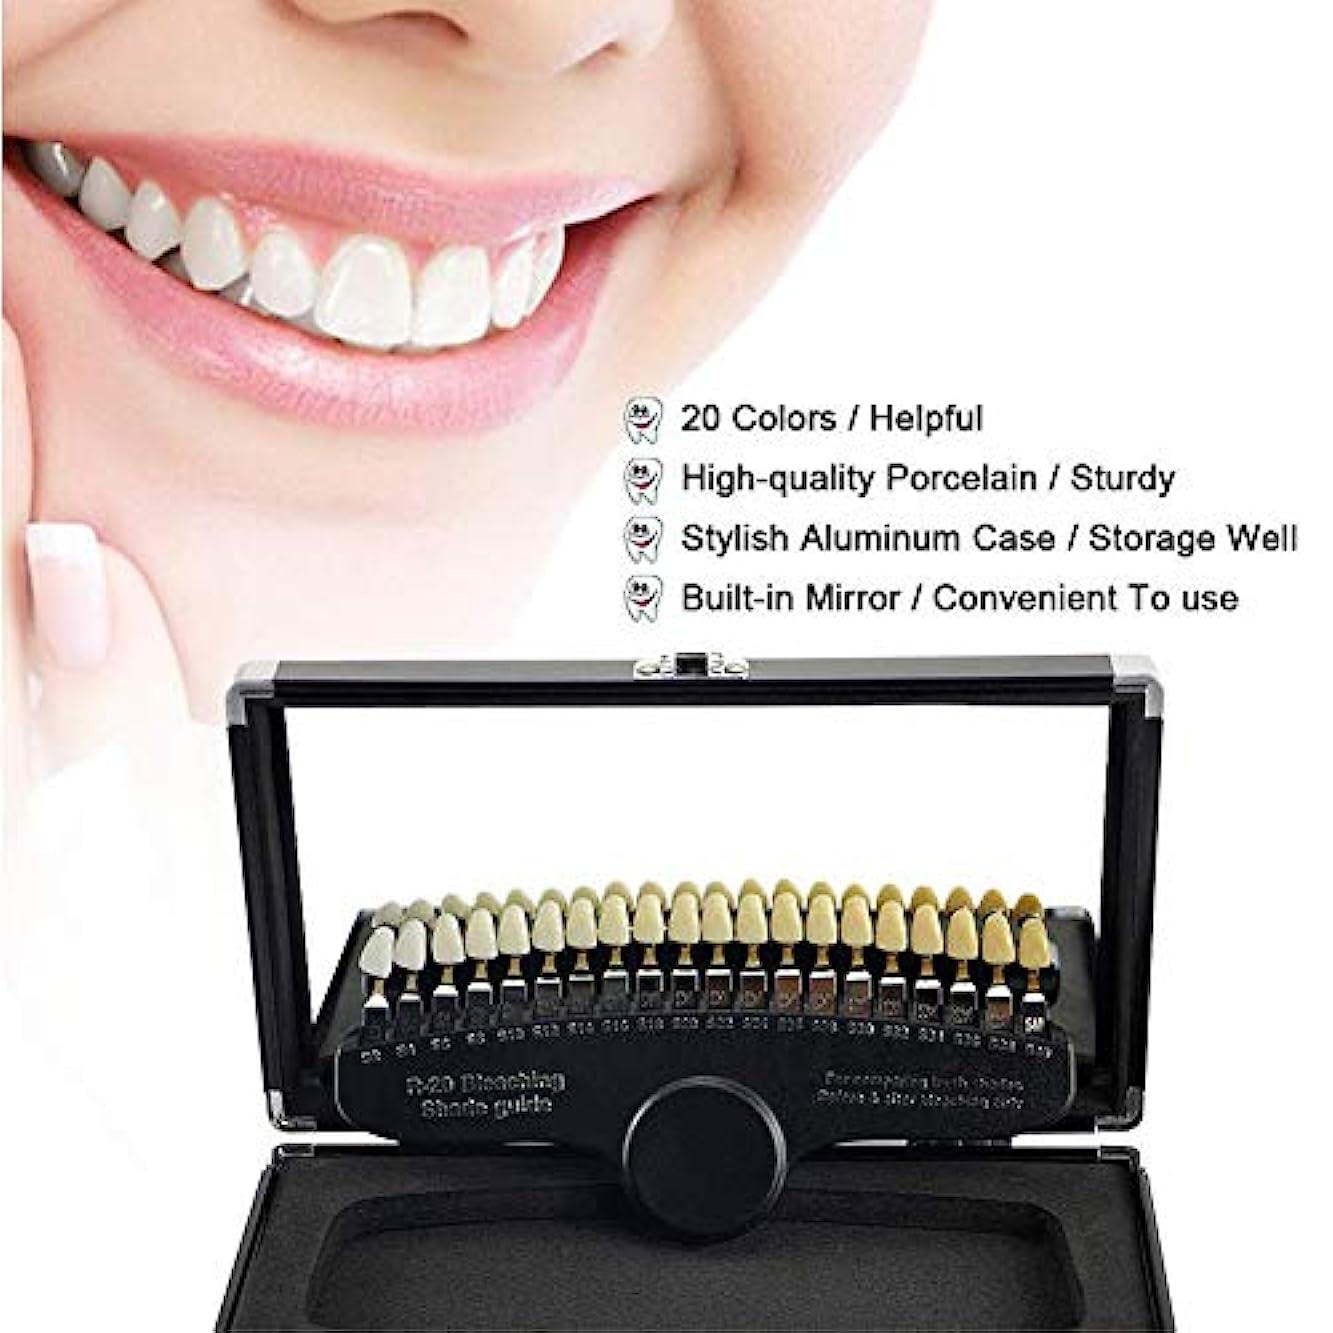 寝具船外興味ミラー付き歯科用歯のホワイトニングカラーパレット、コントラスト20色の真の歯の形状の前後の冷光ホワイトニング、プロの歯のホワイトニング、クリーニング、修復用